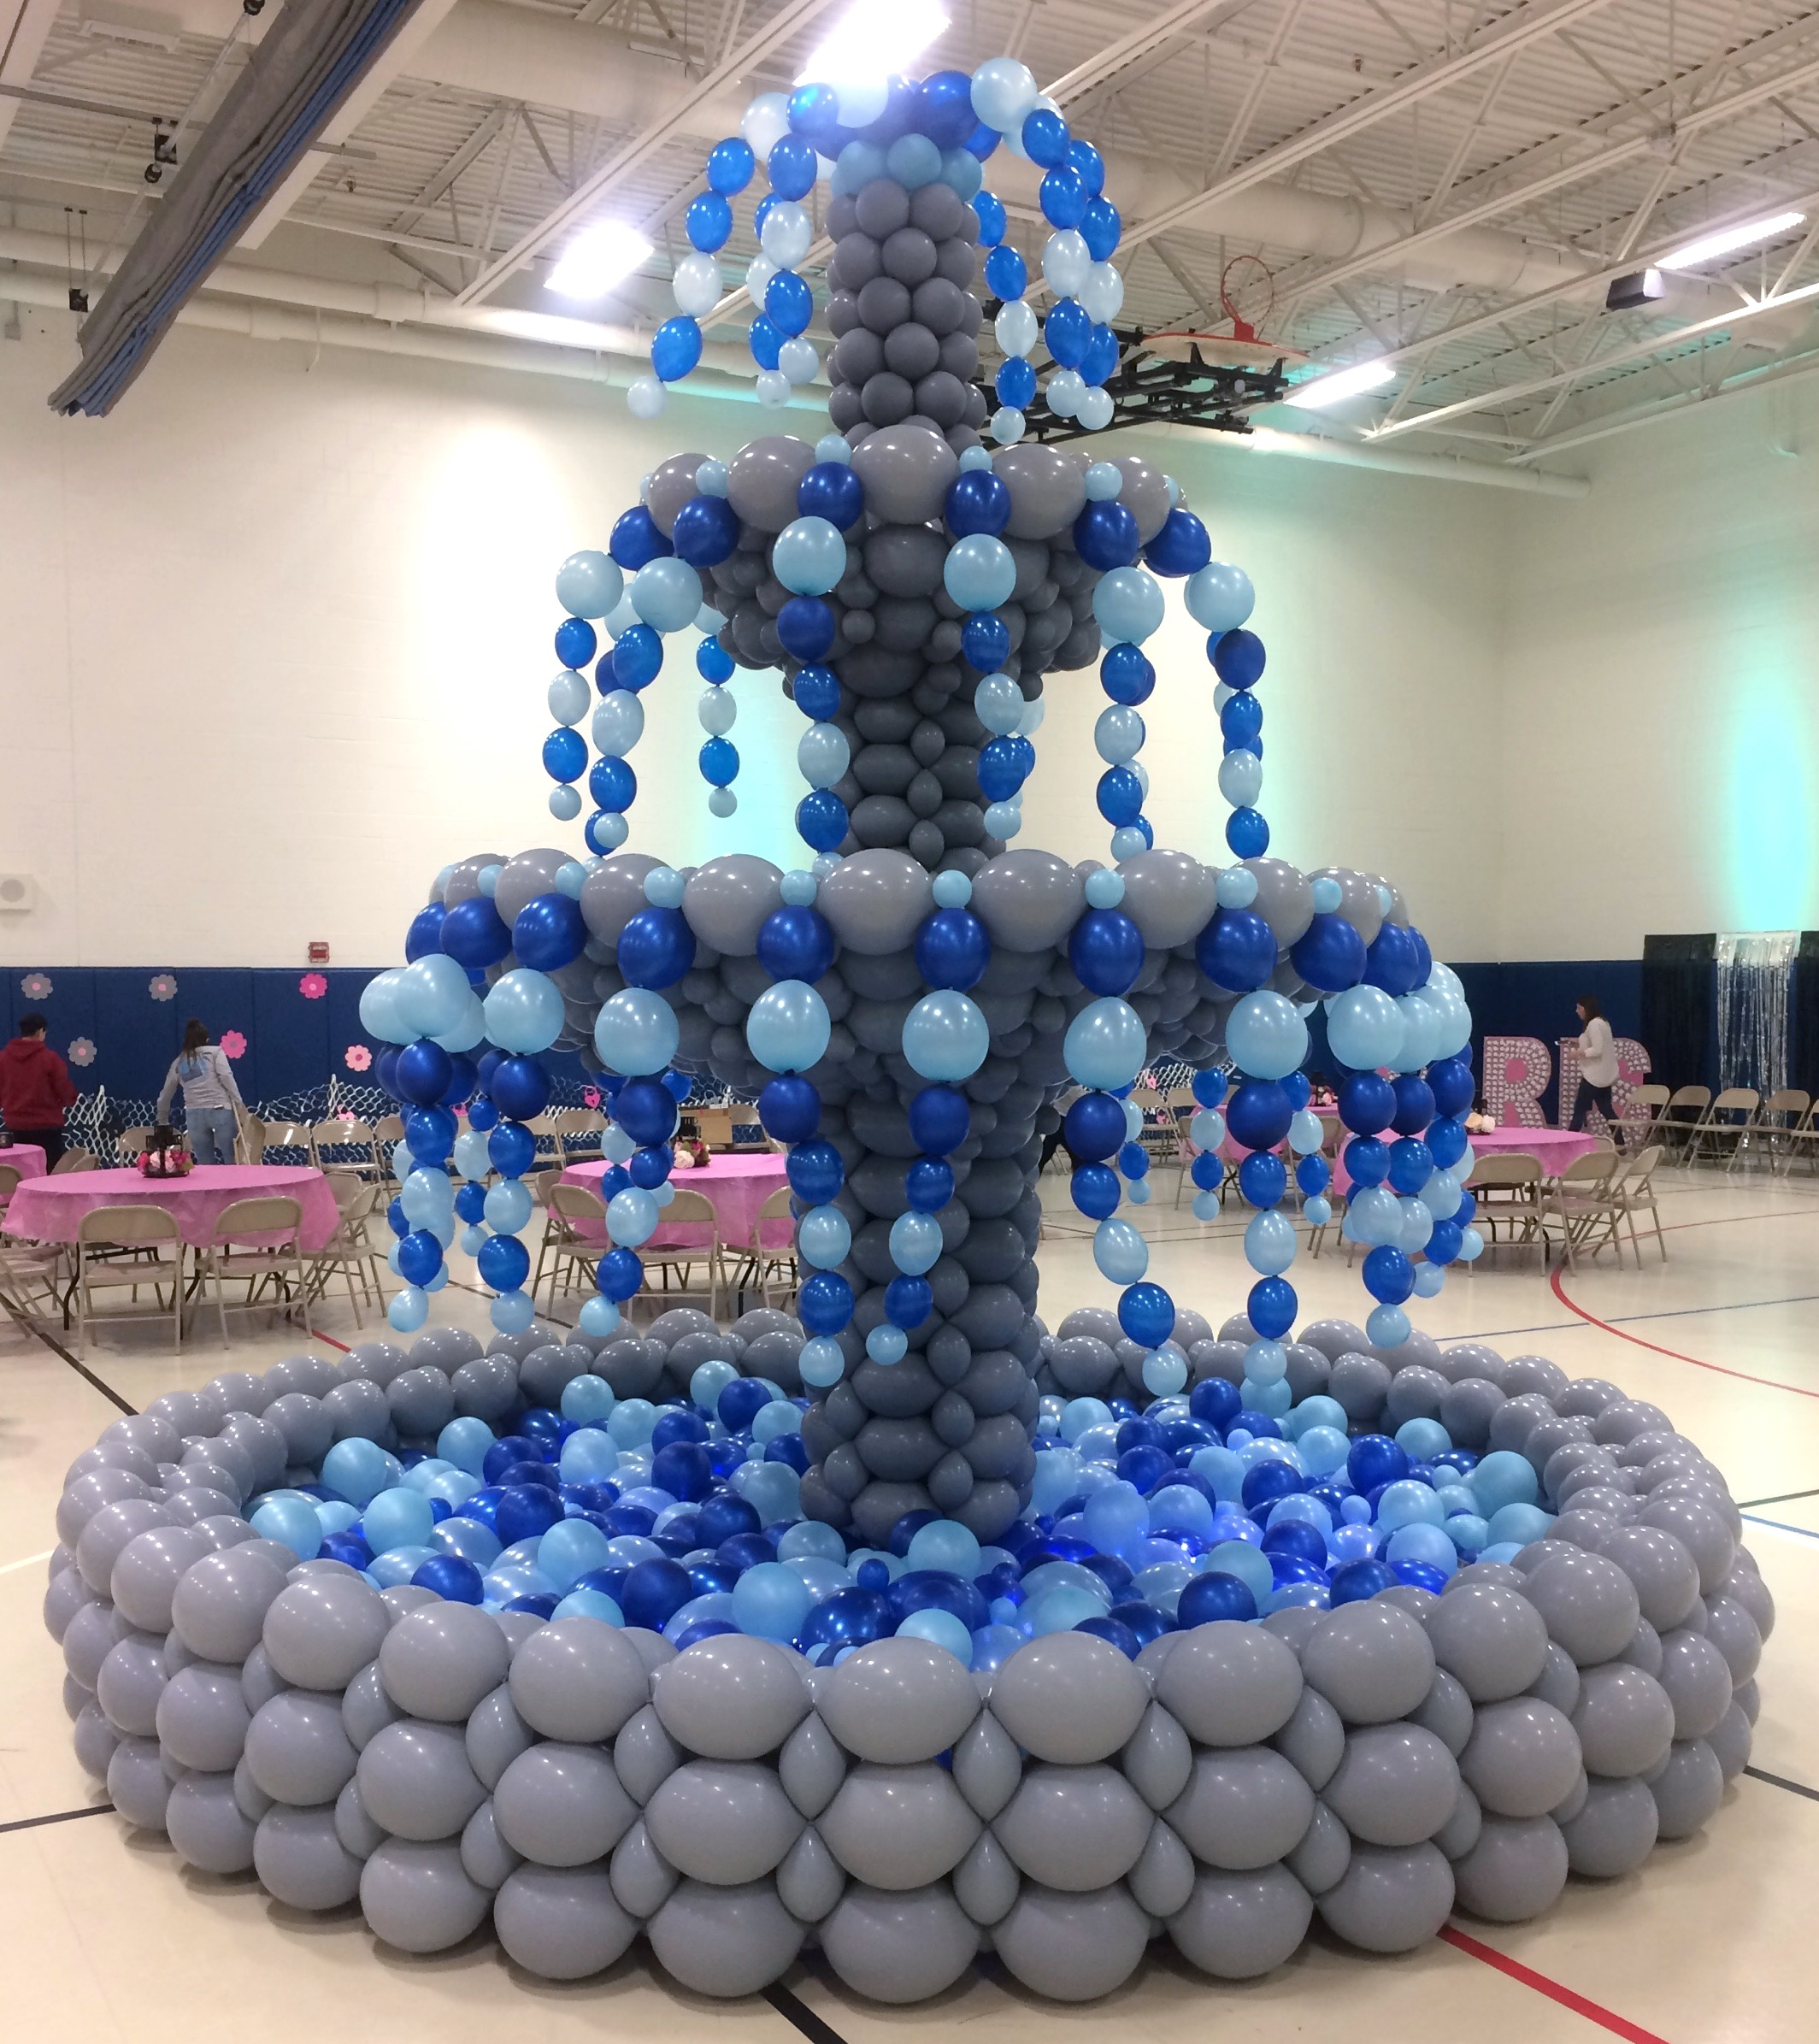 Jumbo Fountain Balloon Sculpture